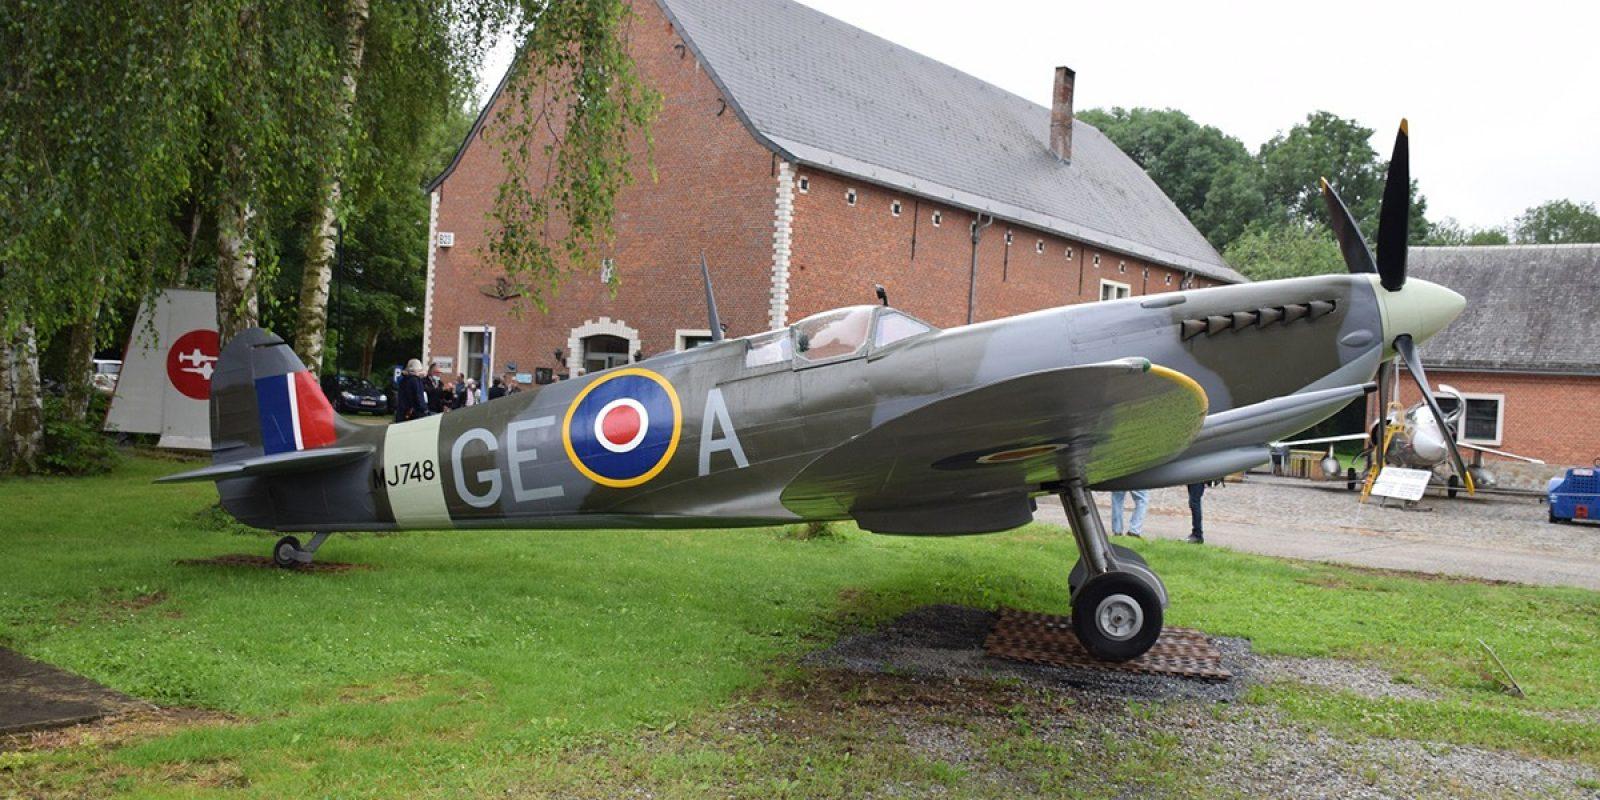 Le côté droit de la réplique du Spitfire Mk.9 porte le serial MJ748. Il évoque le souvenir du Flying Officer belge Marcel Sans de la 349 Sq, abattu et tué par la Flak allemande sur le « vrai » MJ748 le 7 juin 1944 (lendemain du débarquement en Normandie) dans la région de Caen. (Photo Robert Verhegghen)